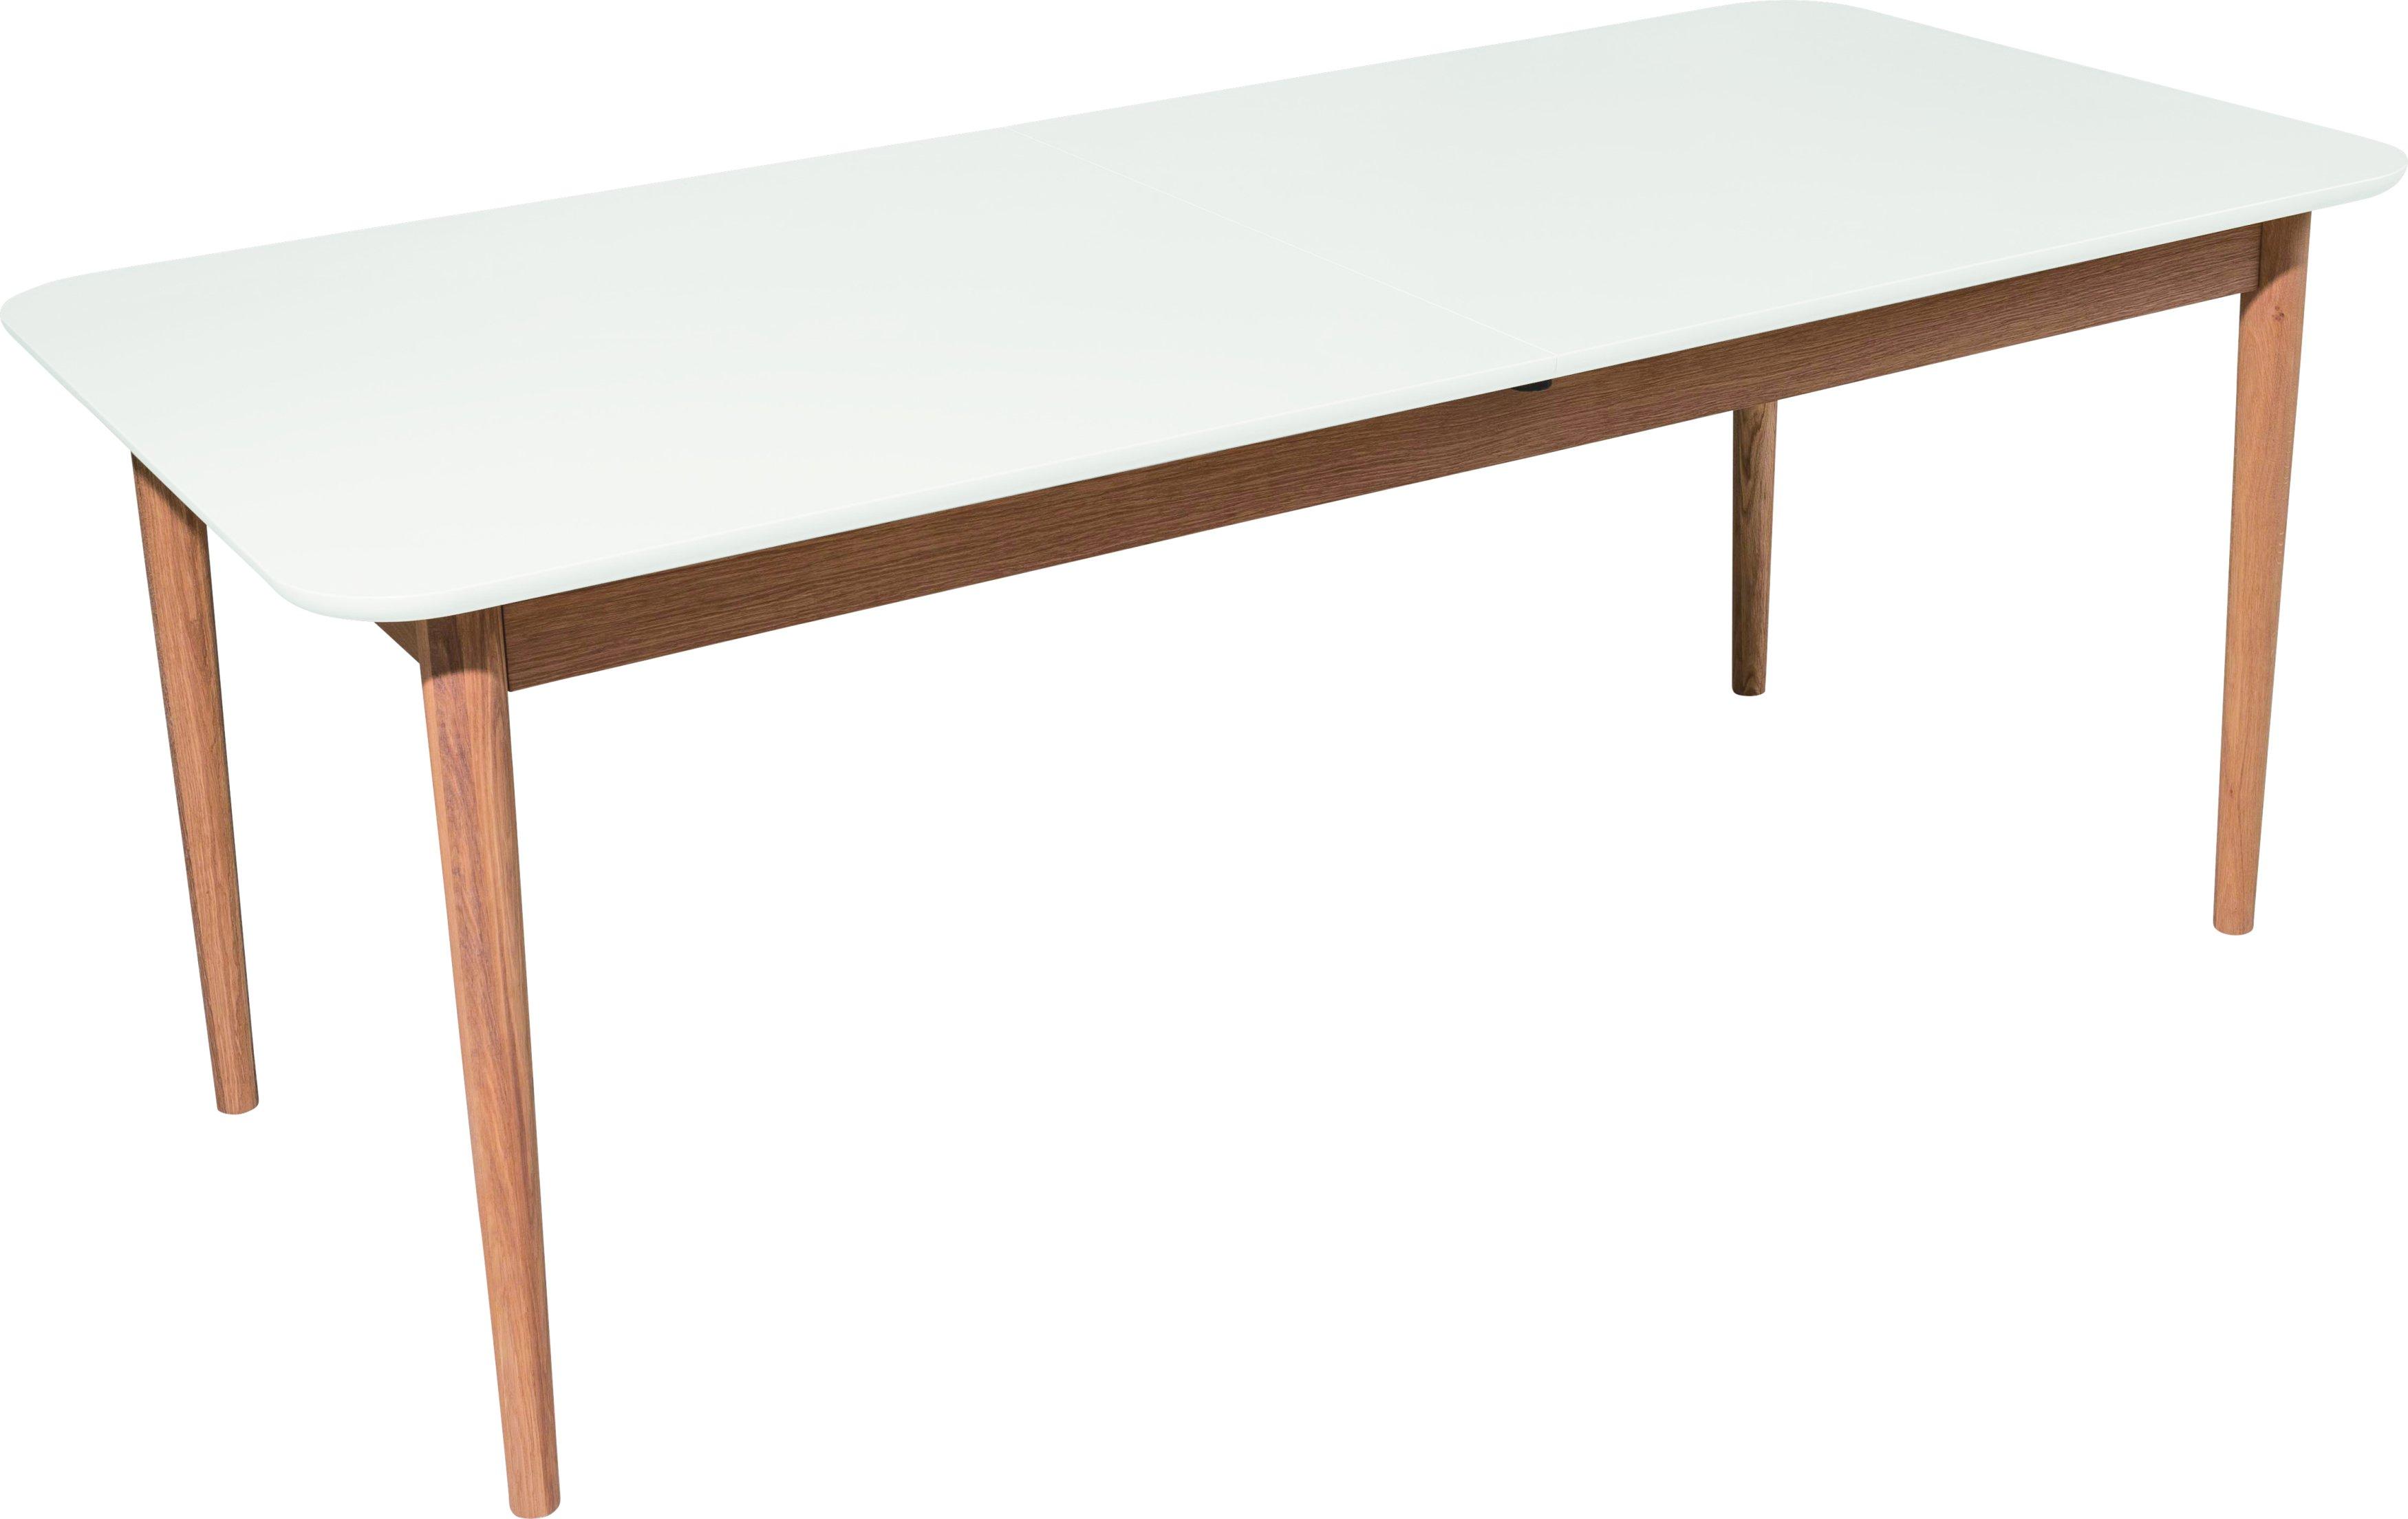 Table à manger scandinave en bois de chêne LIA, qualité supérieure